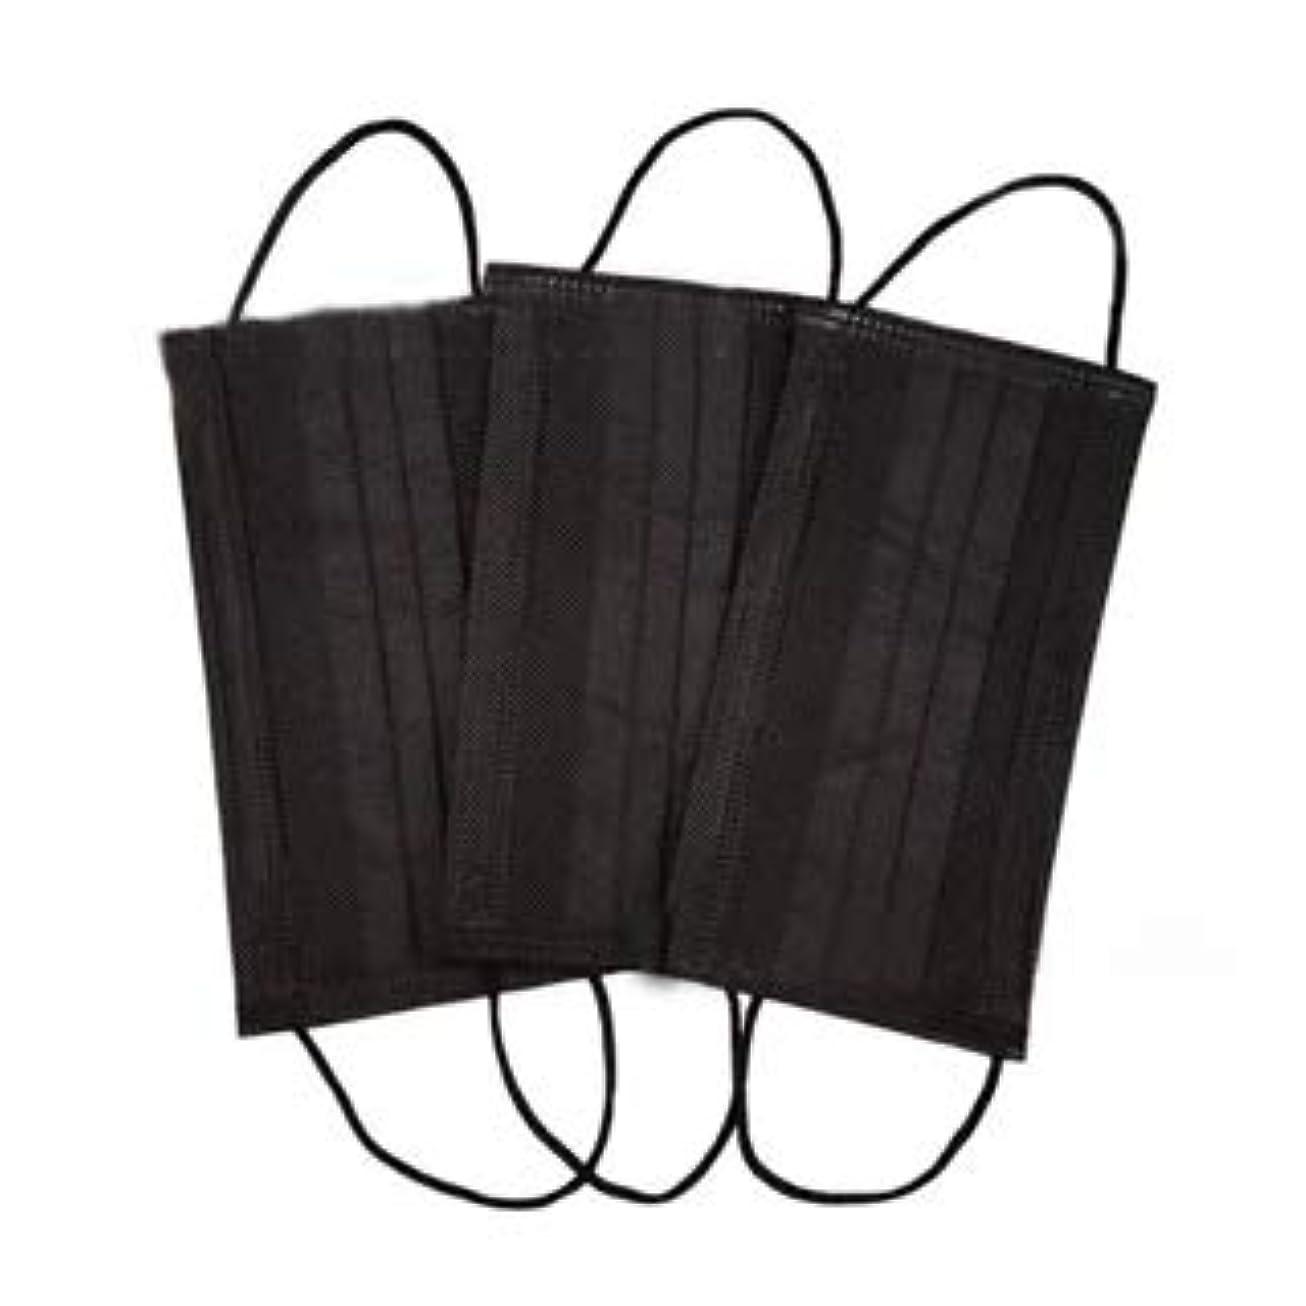 運動する挑むキウイ使い捨てマスク ブラック 6枚入り 不織布 フェイスマスク mask 黒